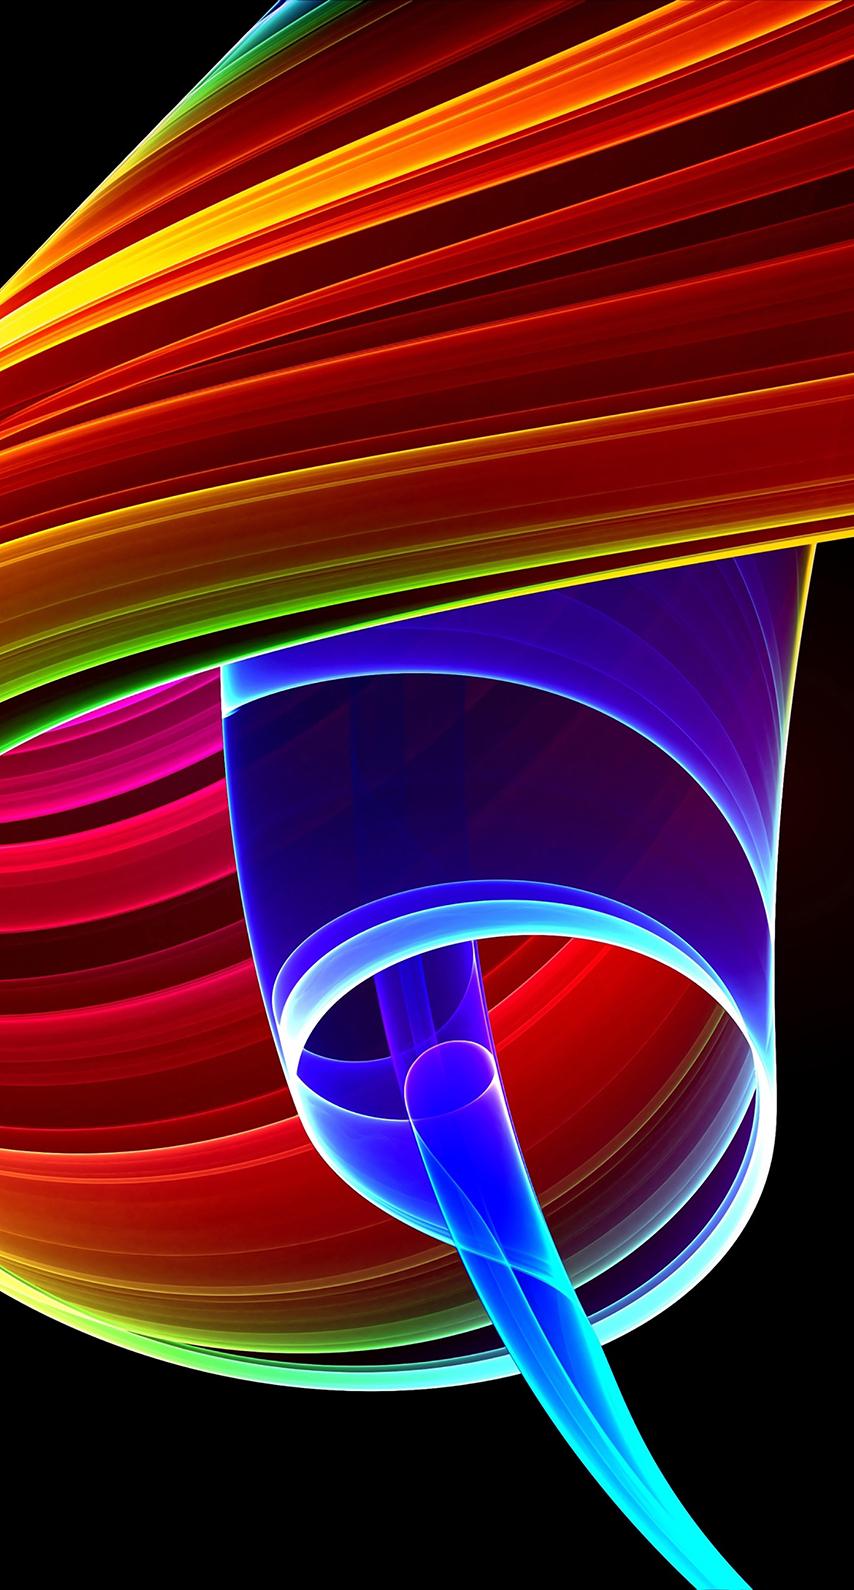 computer wallpaper, graphics